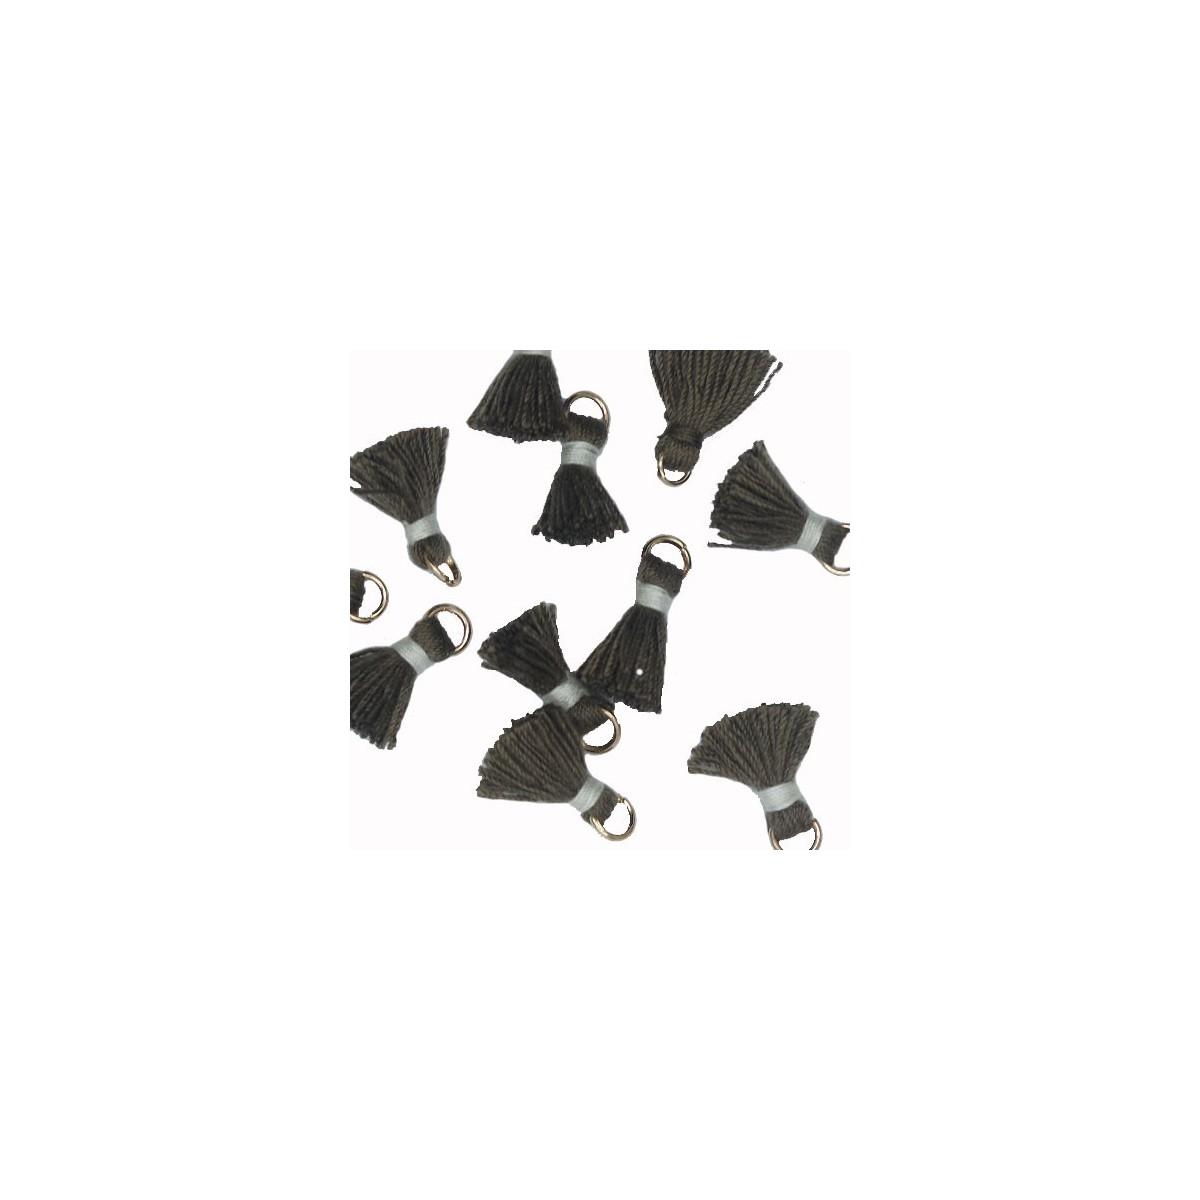 Nappina nero e grigio 18 mm 5pz